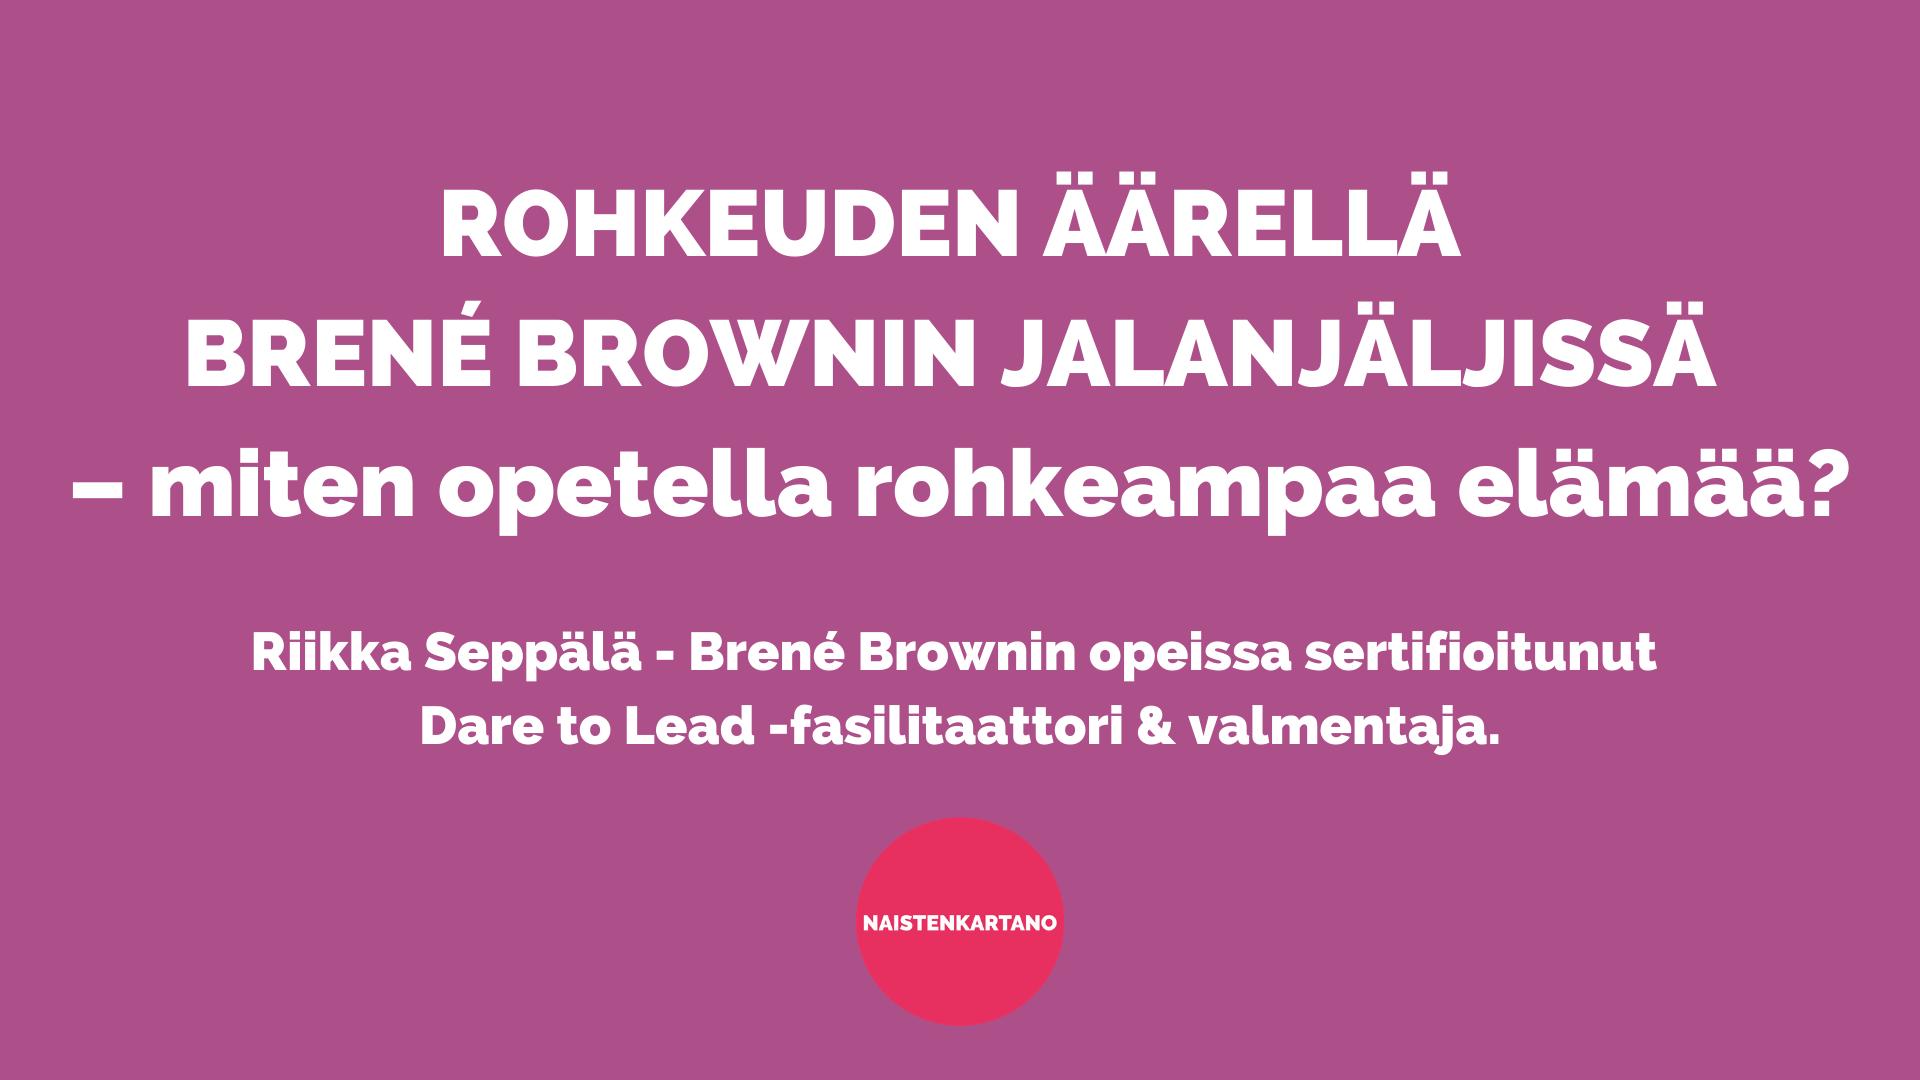 Rohkeuden äärellä Brené Brownin jalanjäljissä – miten opetella rohkeampaa elämää?